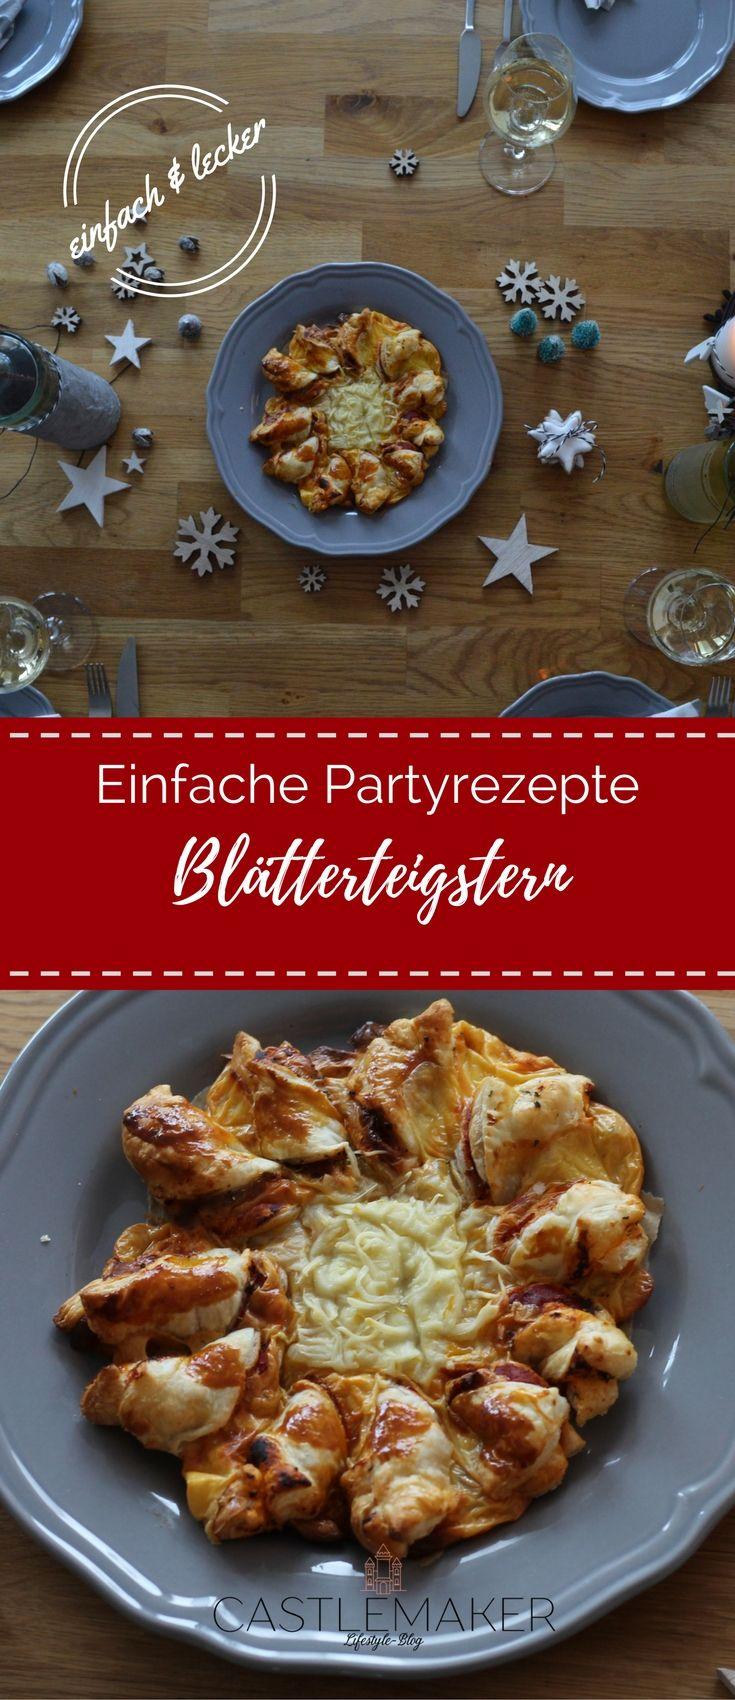 Der Hit auf jeder Party. Blätterteigstern mit Pizzafüllung. Pizzastern, Blätterteigstern. Das geht einfach und schnell. Das Rezept ist auf meinem Blog. #partyrezepte #tischdekoration #wein #bree  #anzeige